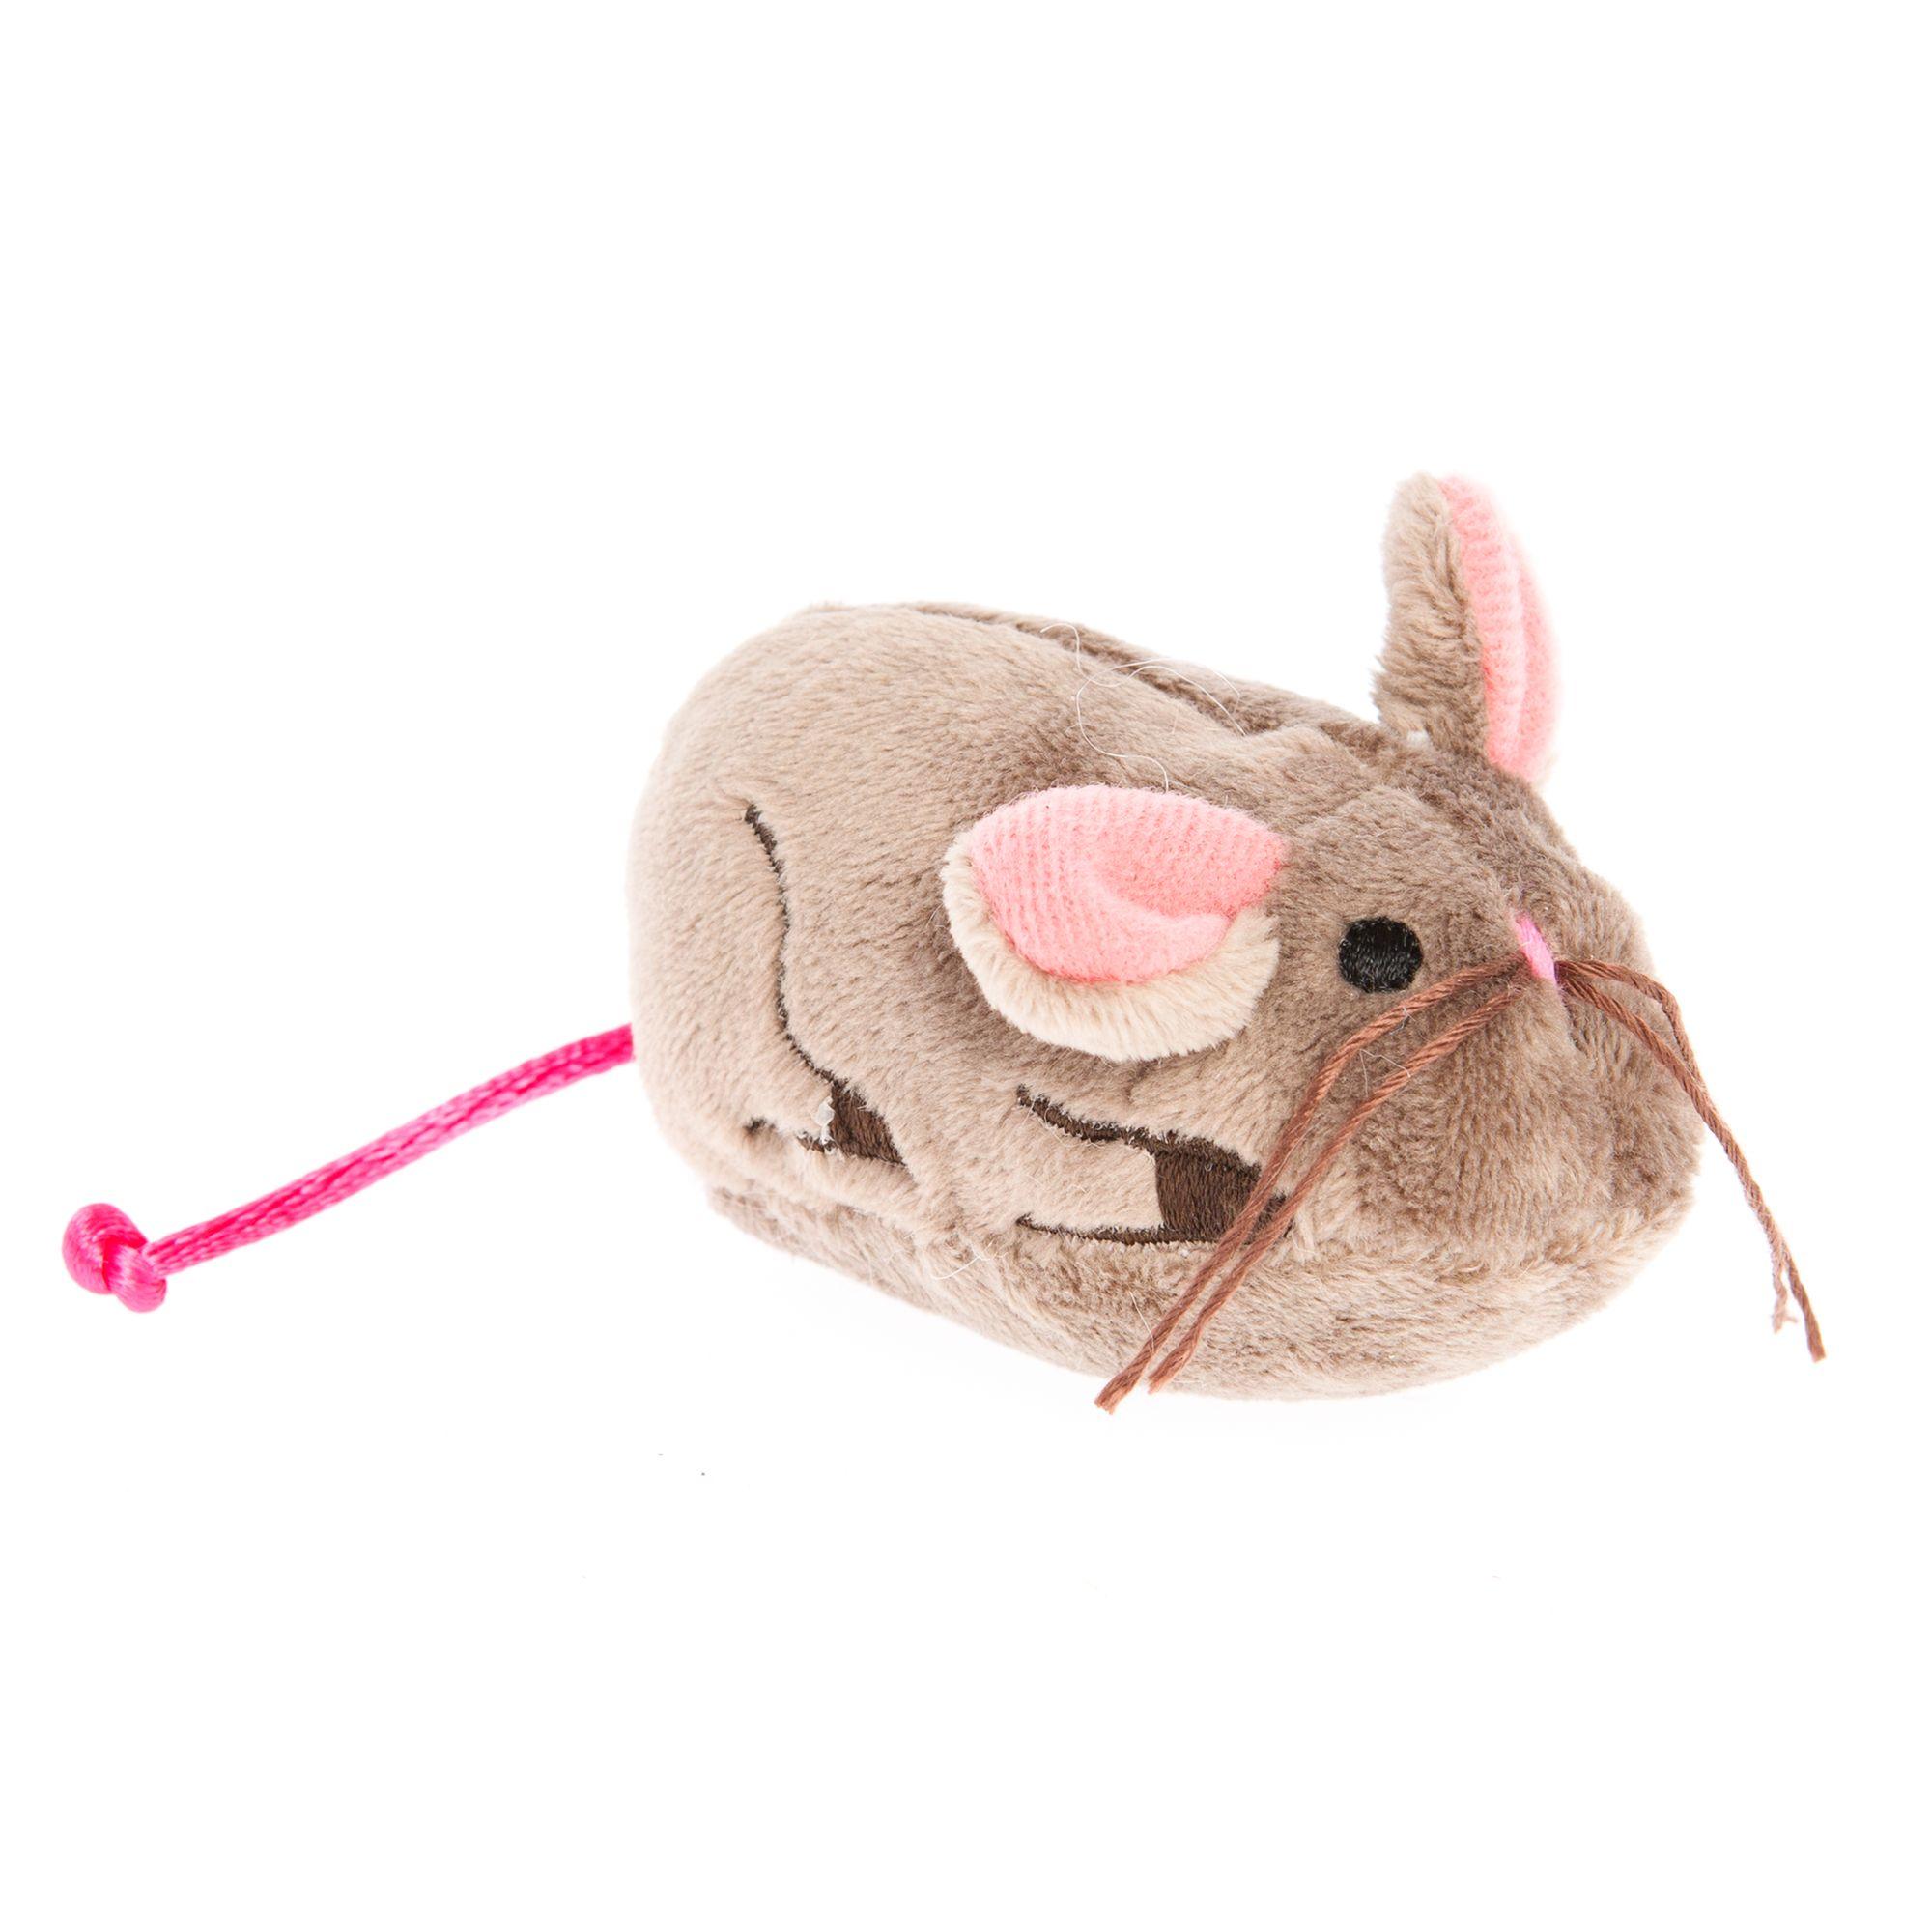 Grumpy Cat Blind Mice Cat Toy - Catnip 5261250